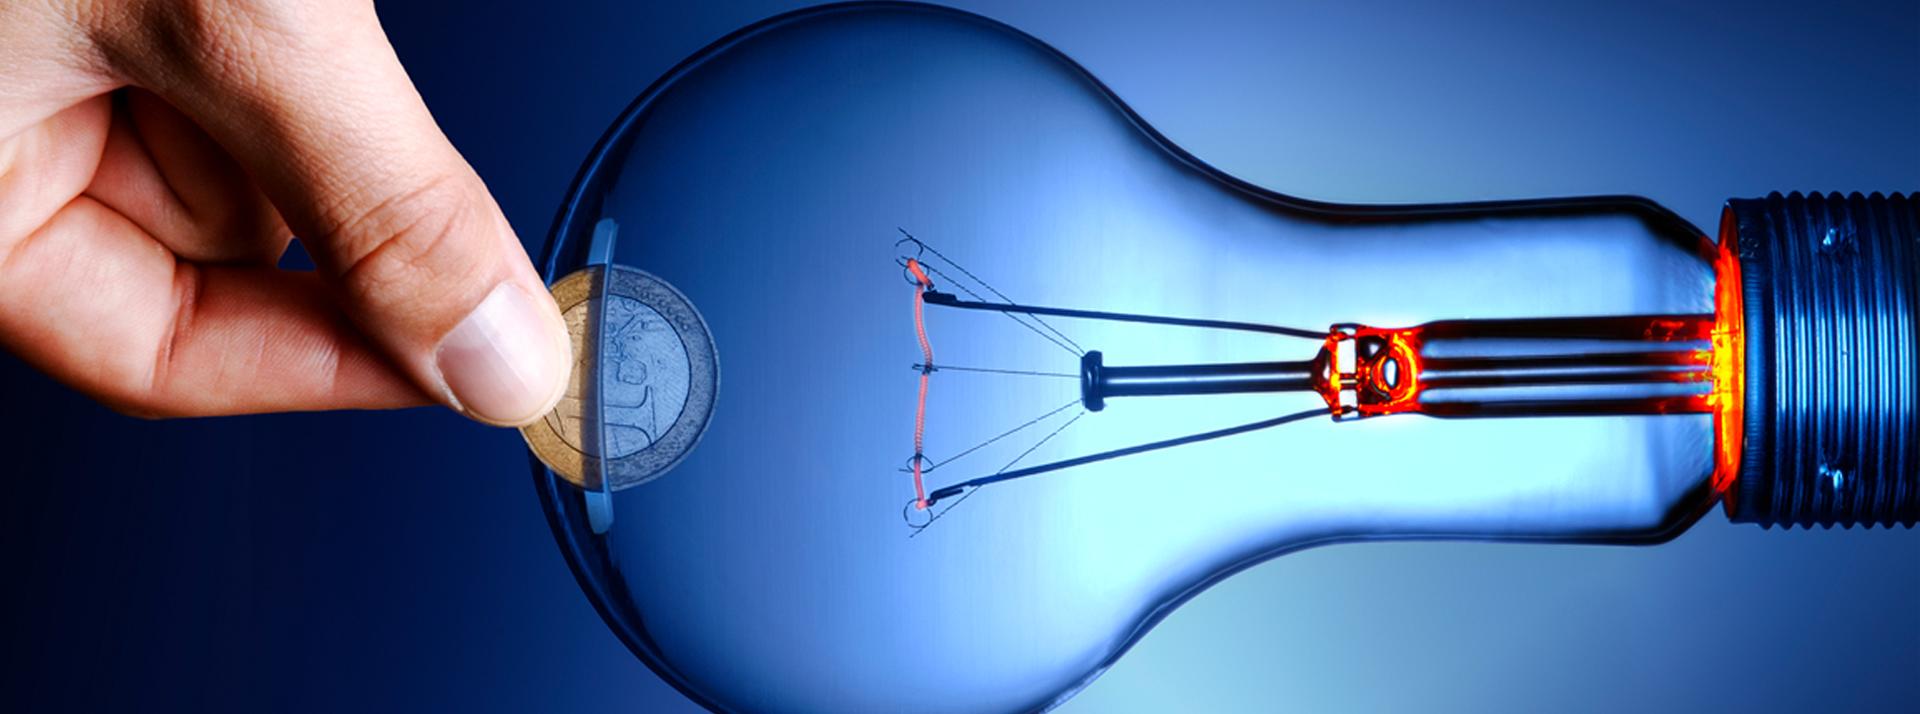 Consumo eficiente ajuda na economia de energia elétrica